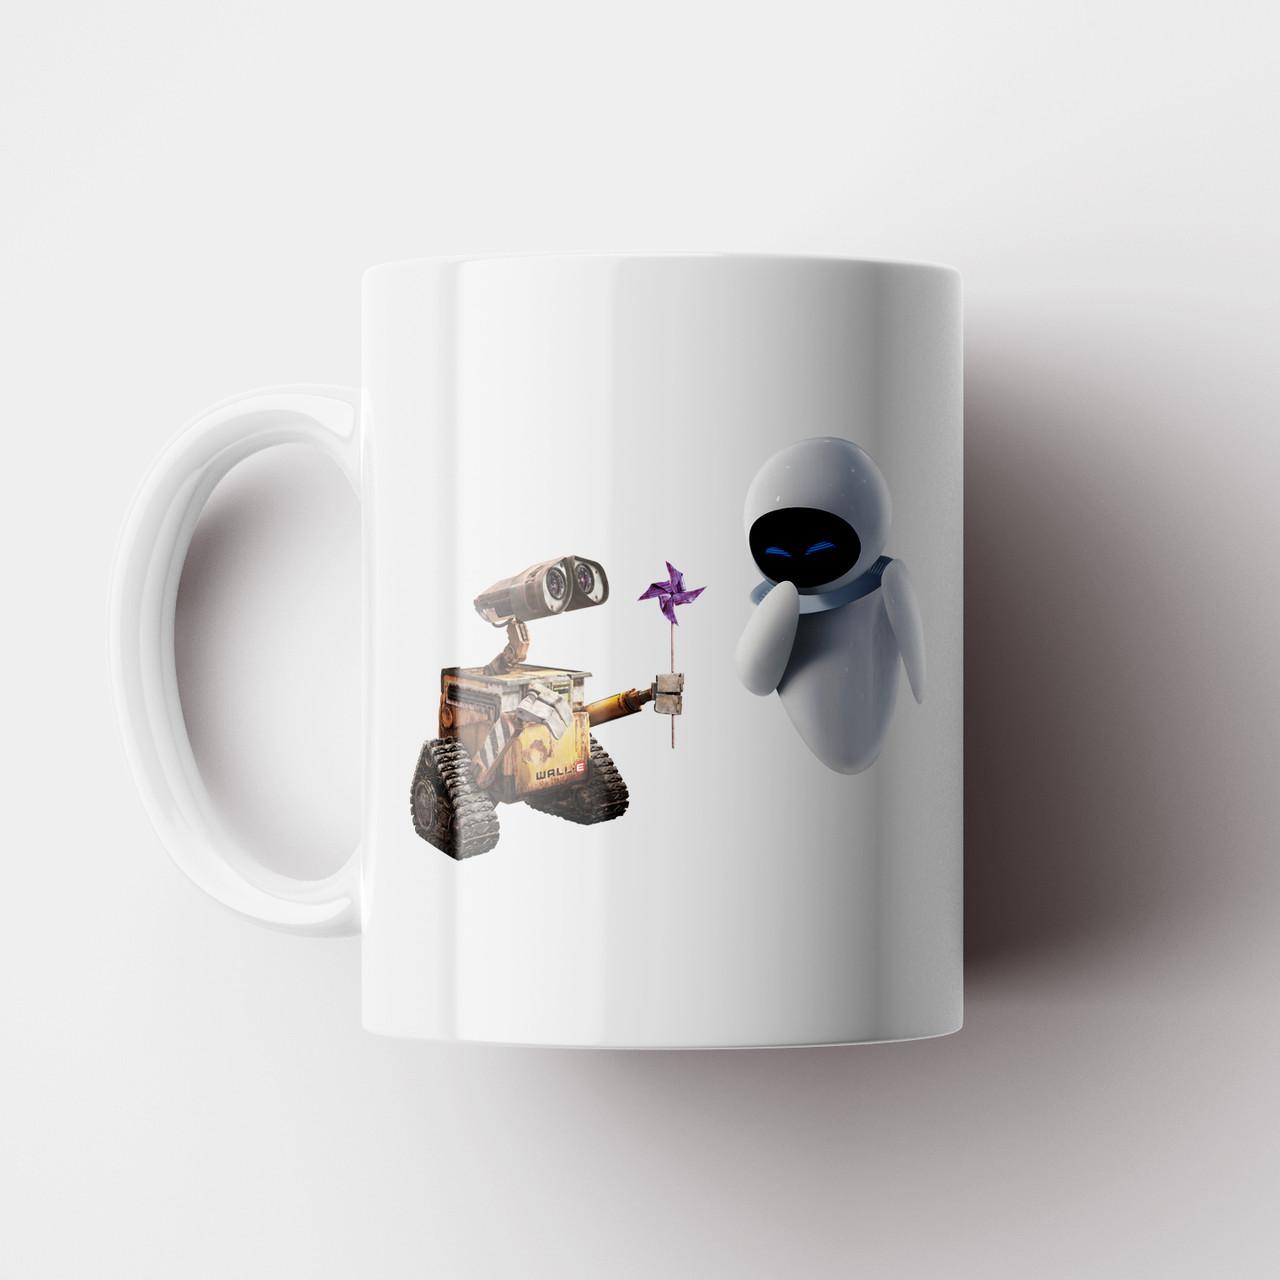 Чашка ВАЛЛ-И. Валли. Wall-E. Кружка с фото